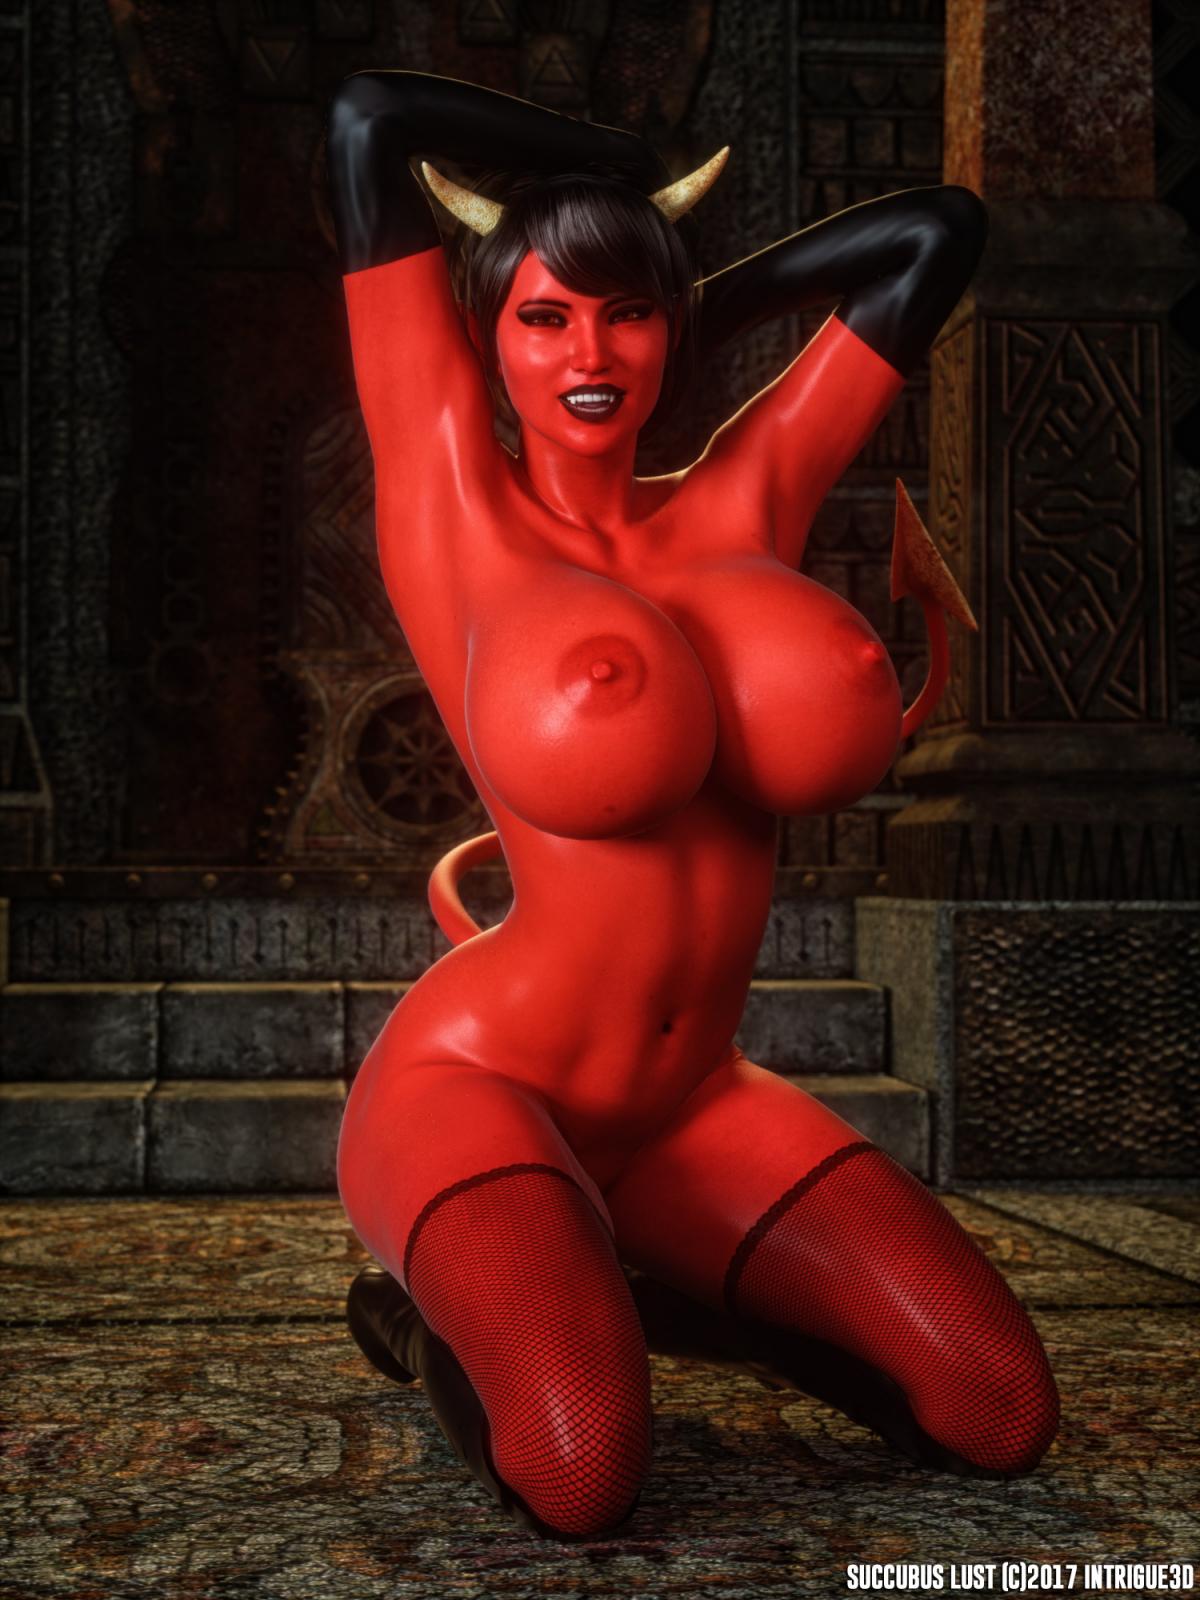 Hình ảnh 40668018331_da7b323f0f_o trong bài viết Succubus Lust